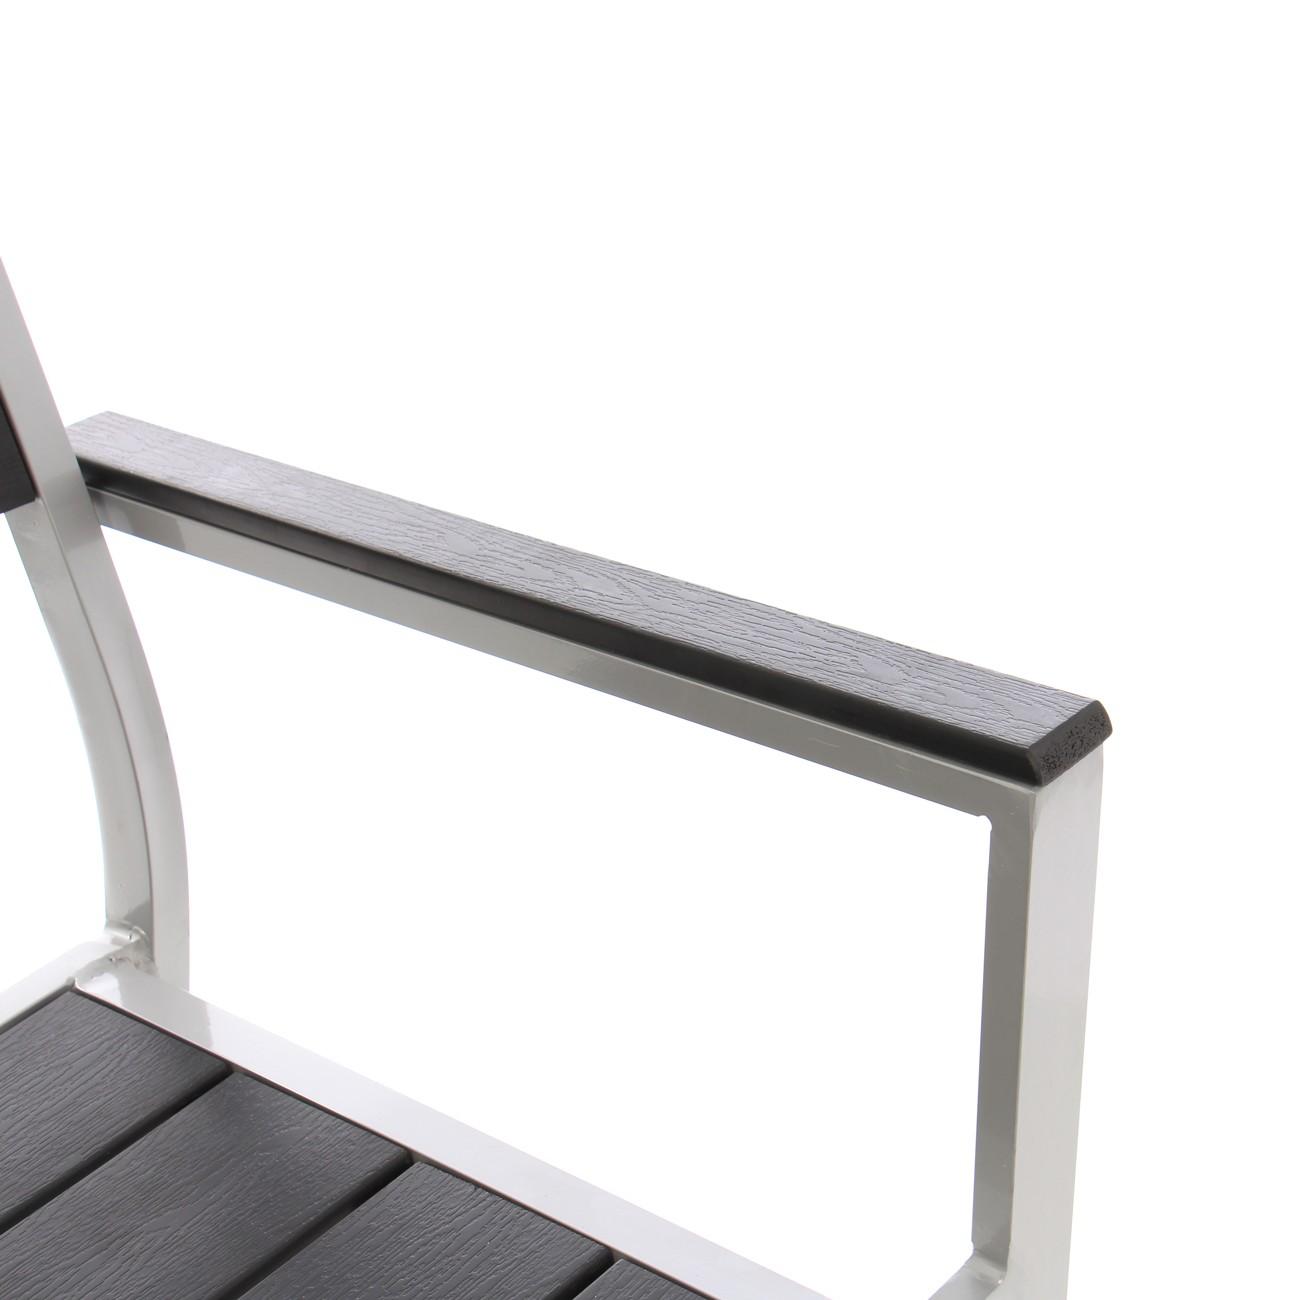 Scaun pentru gradina Kansas, metal + plastic, negru